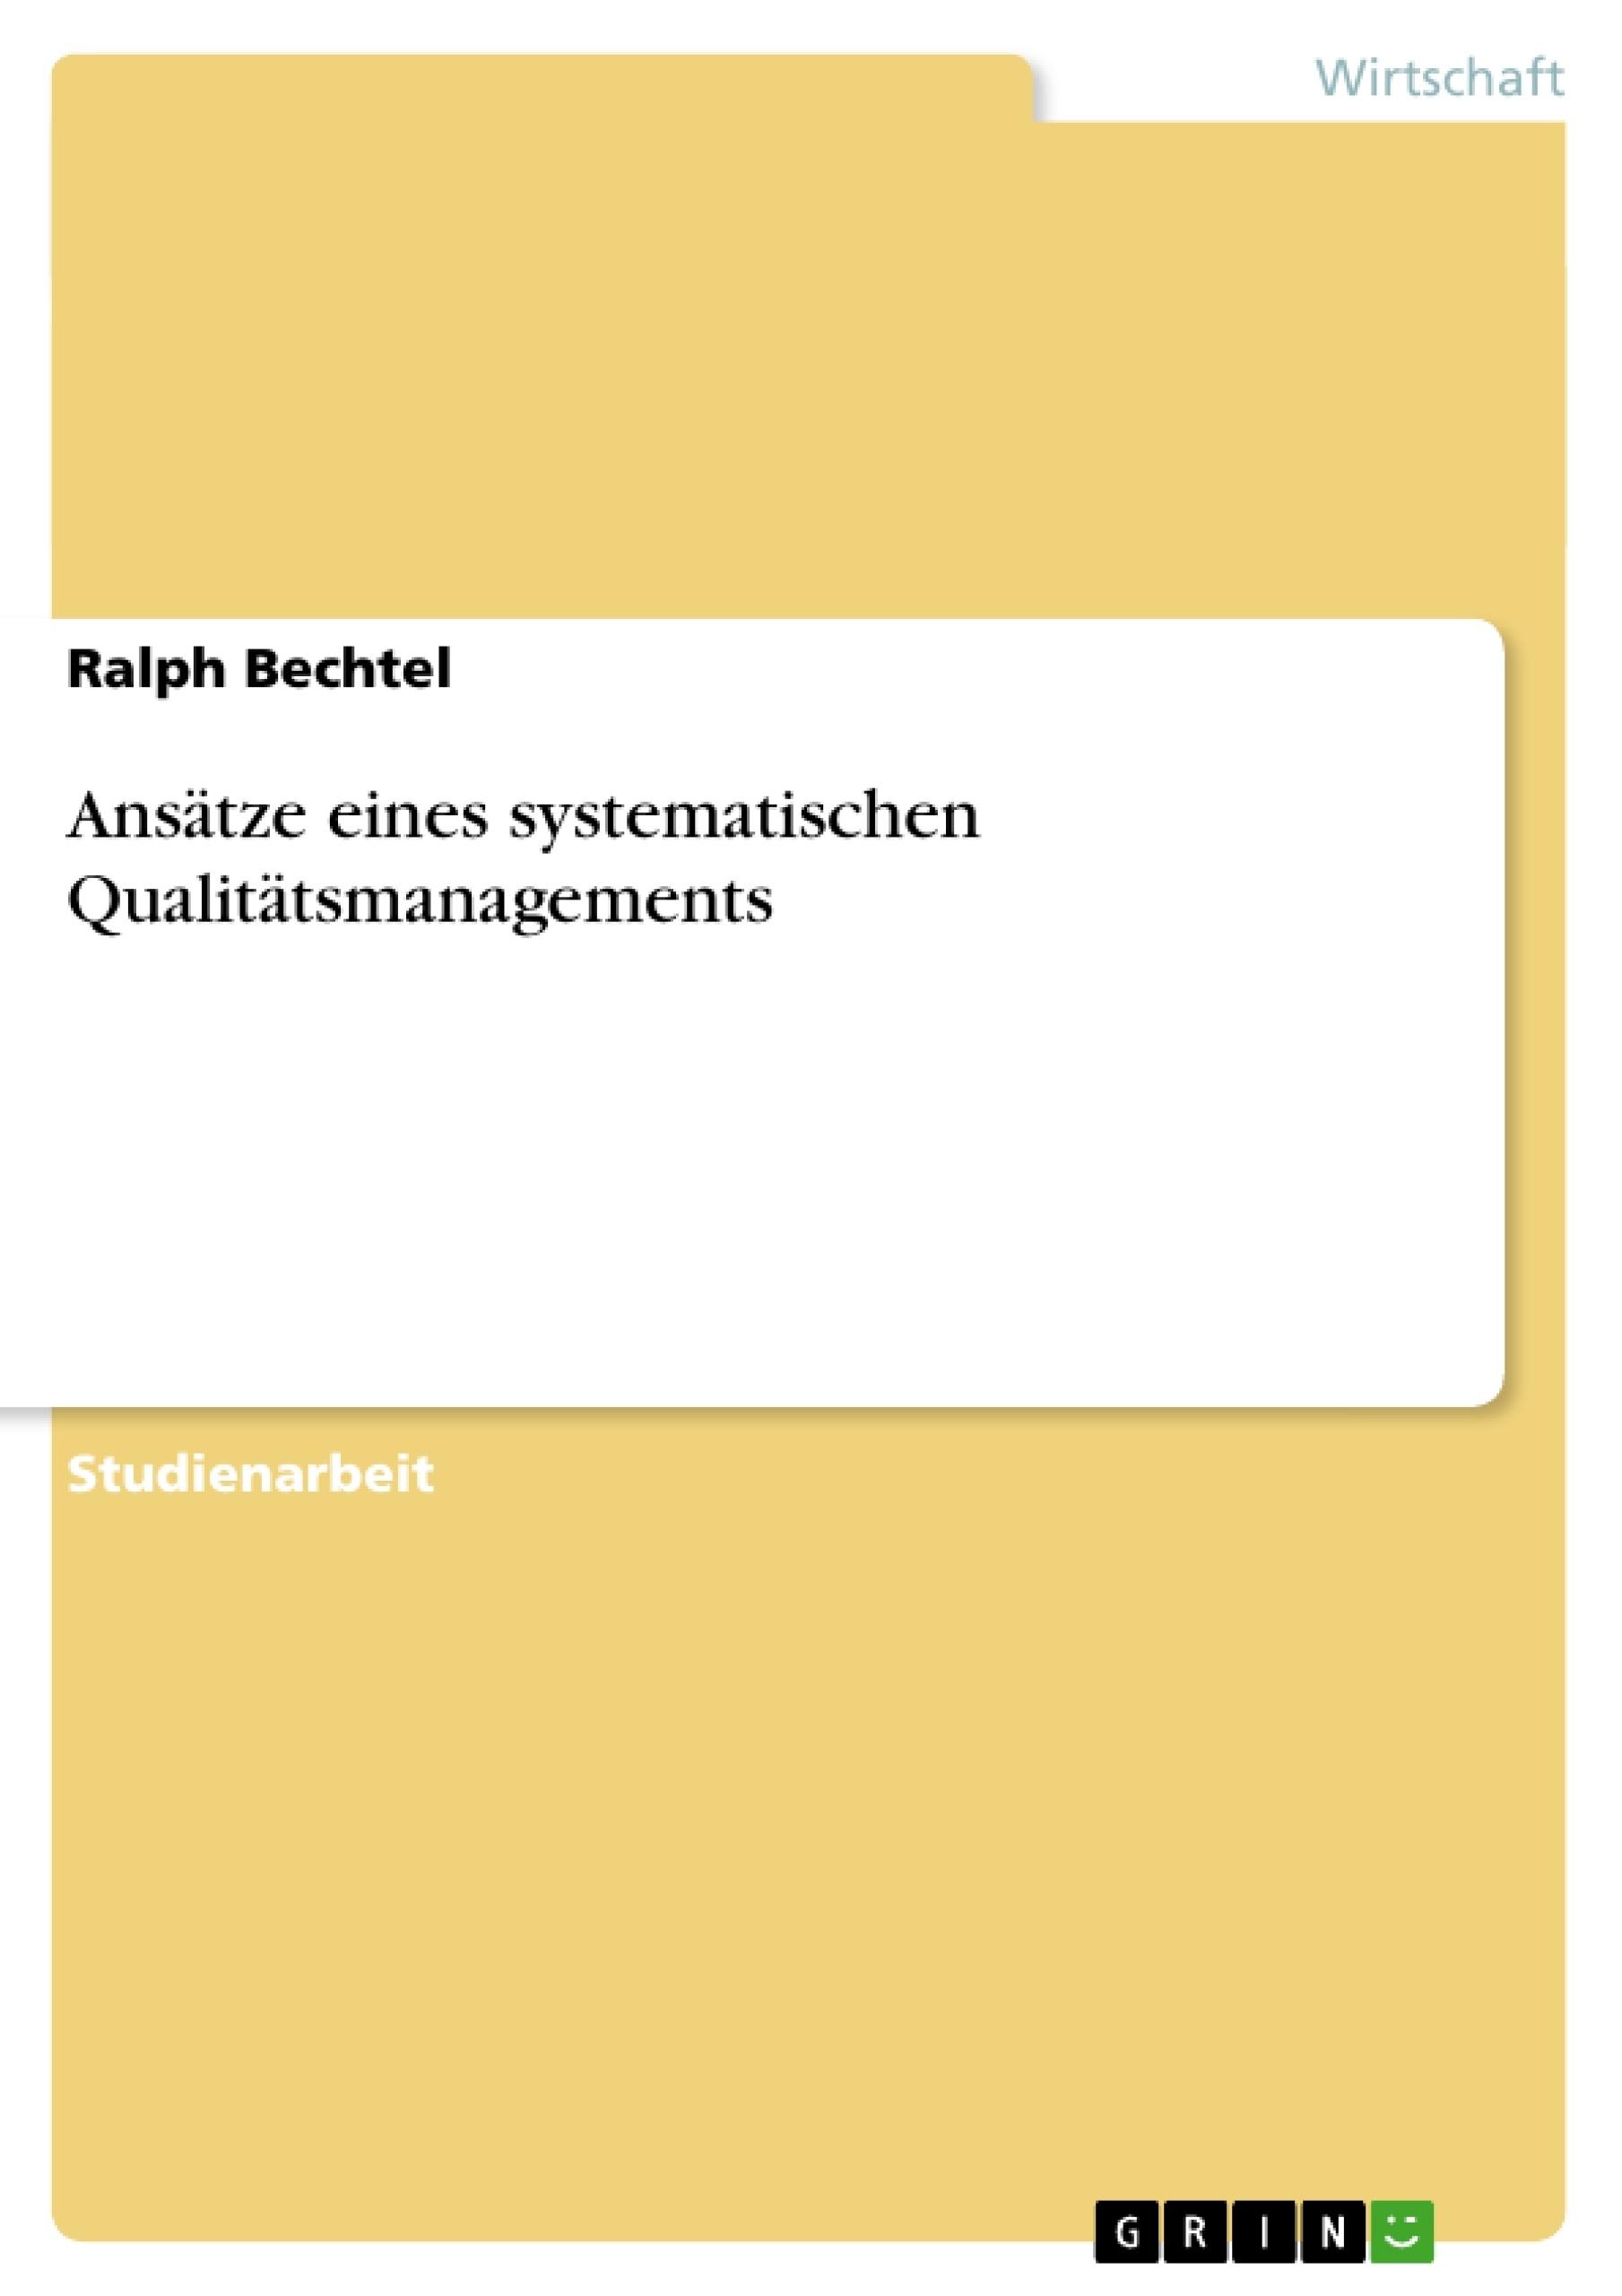 Titel: Ansätze eines systematischen Qualitätsmanagements